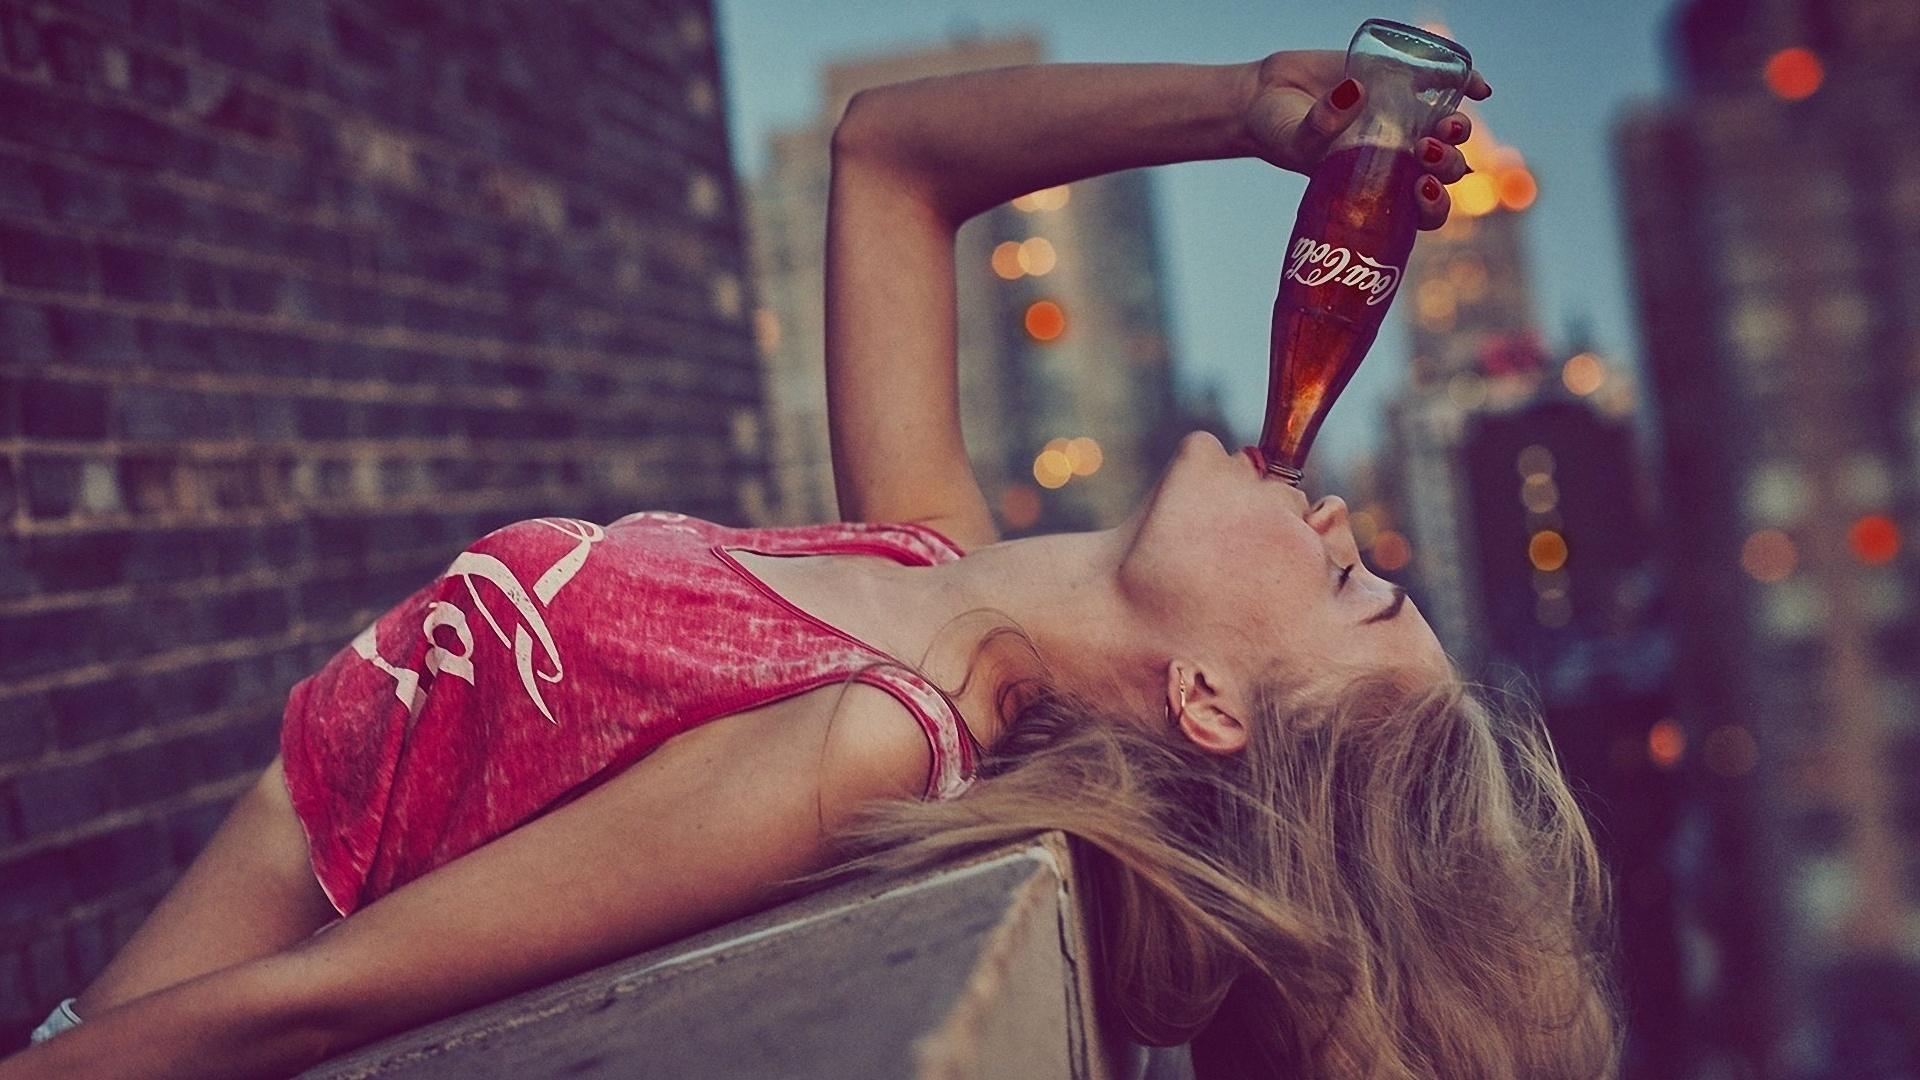 Картинка девушек с бутылкой